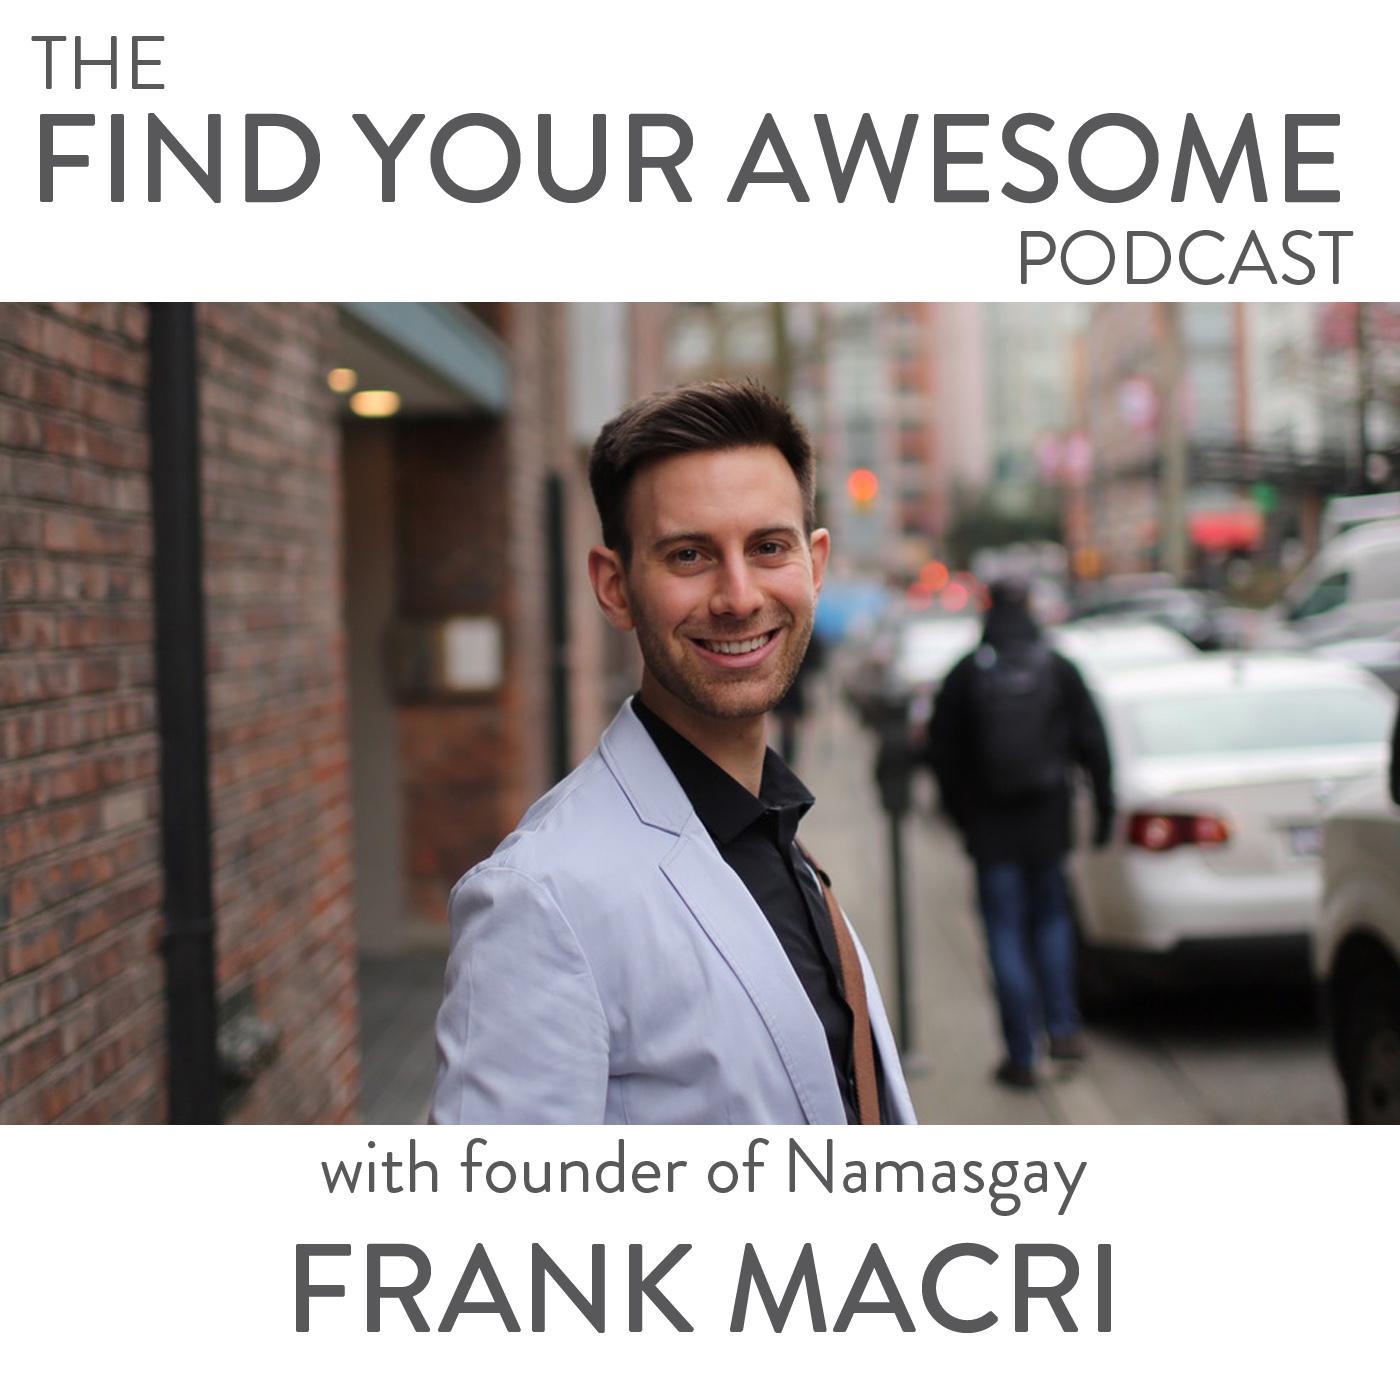 FrankMacri_podcast_coverart.jpg